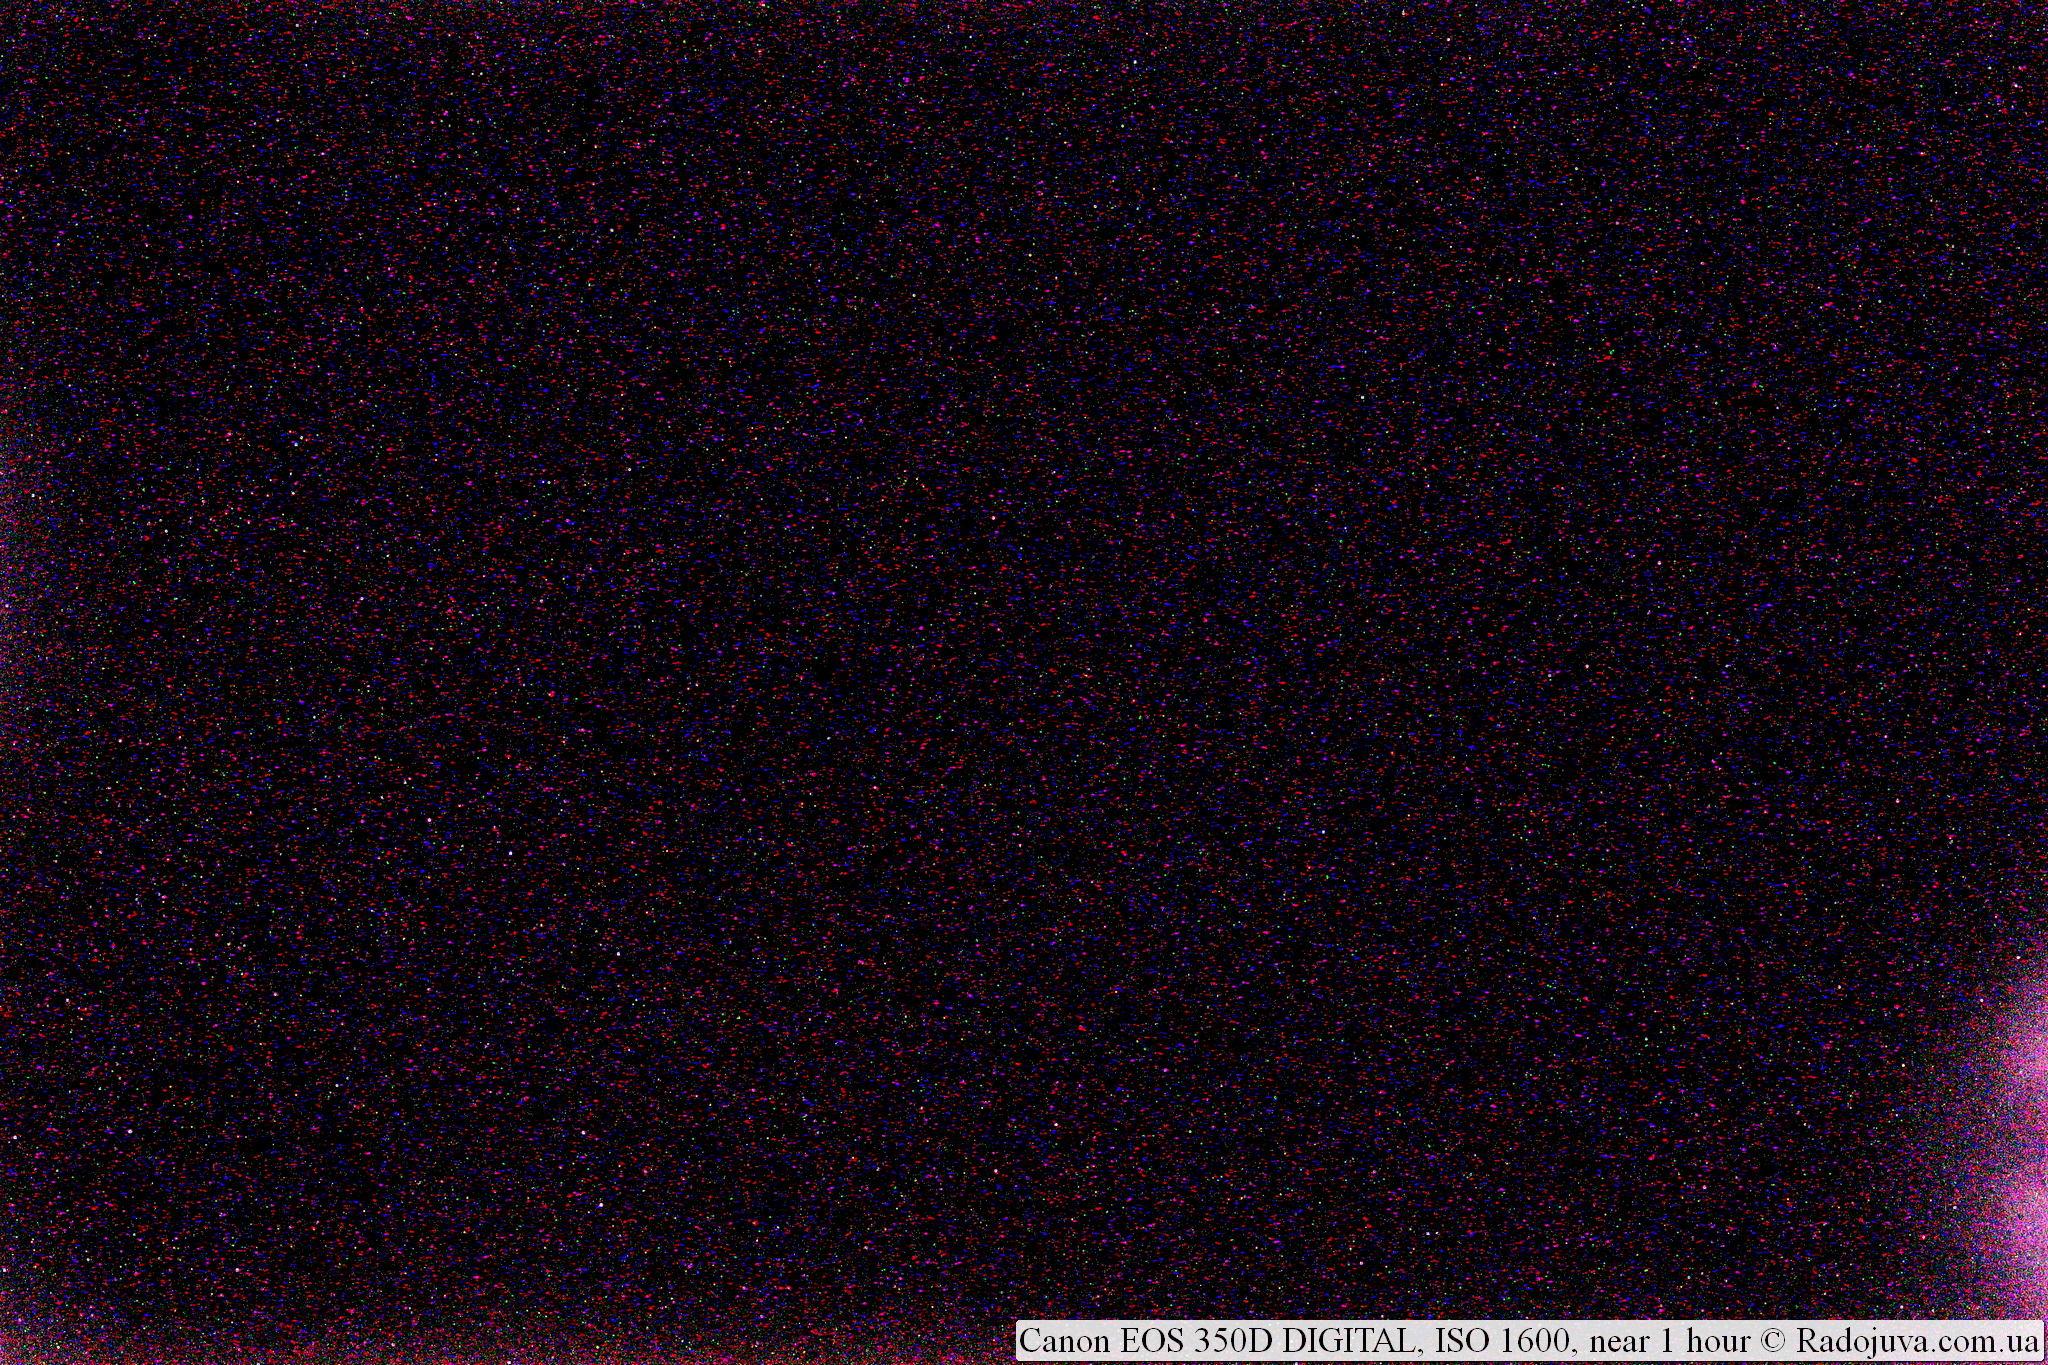 симпатичны количество битых пикселей на матрице фотоаппарата состоящая